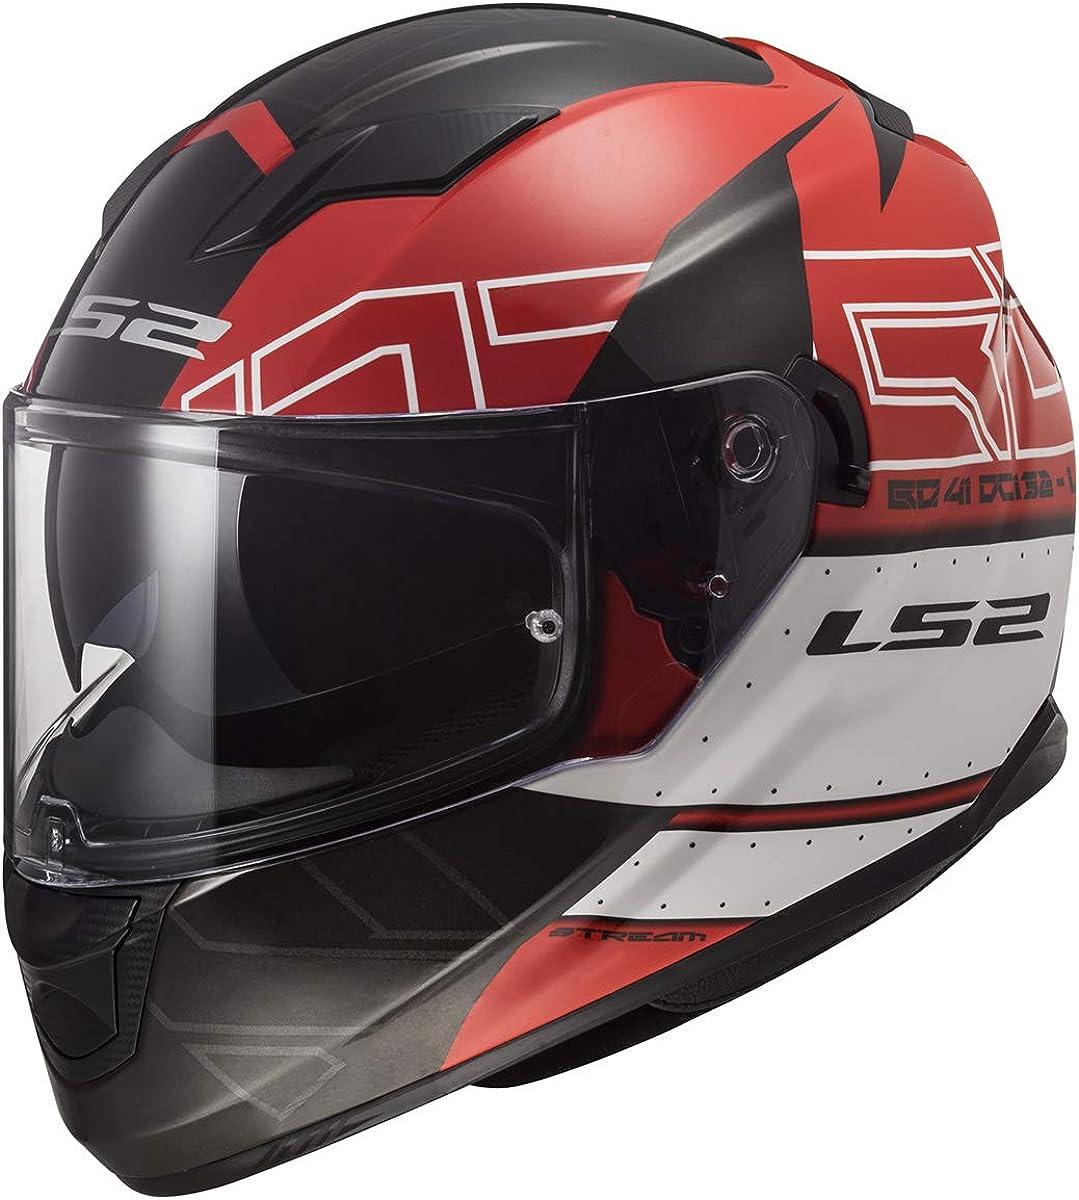 LS2 代引き不可 Helmets Full Face Stream ショッピング Street Helmet